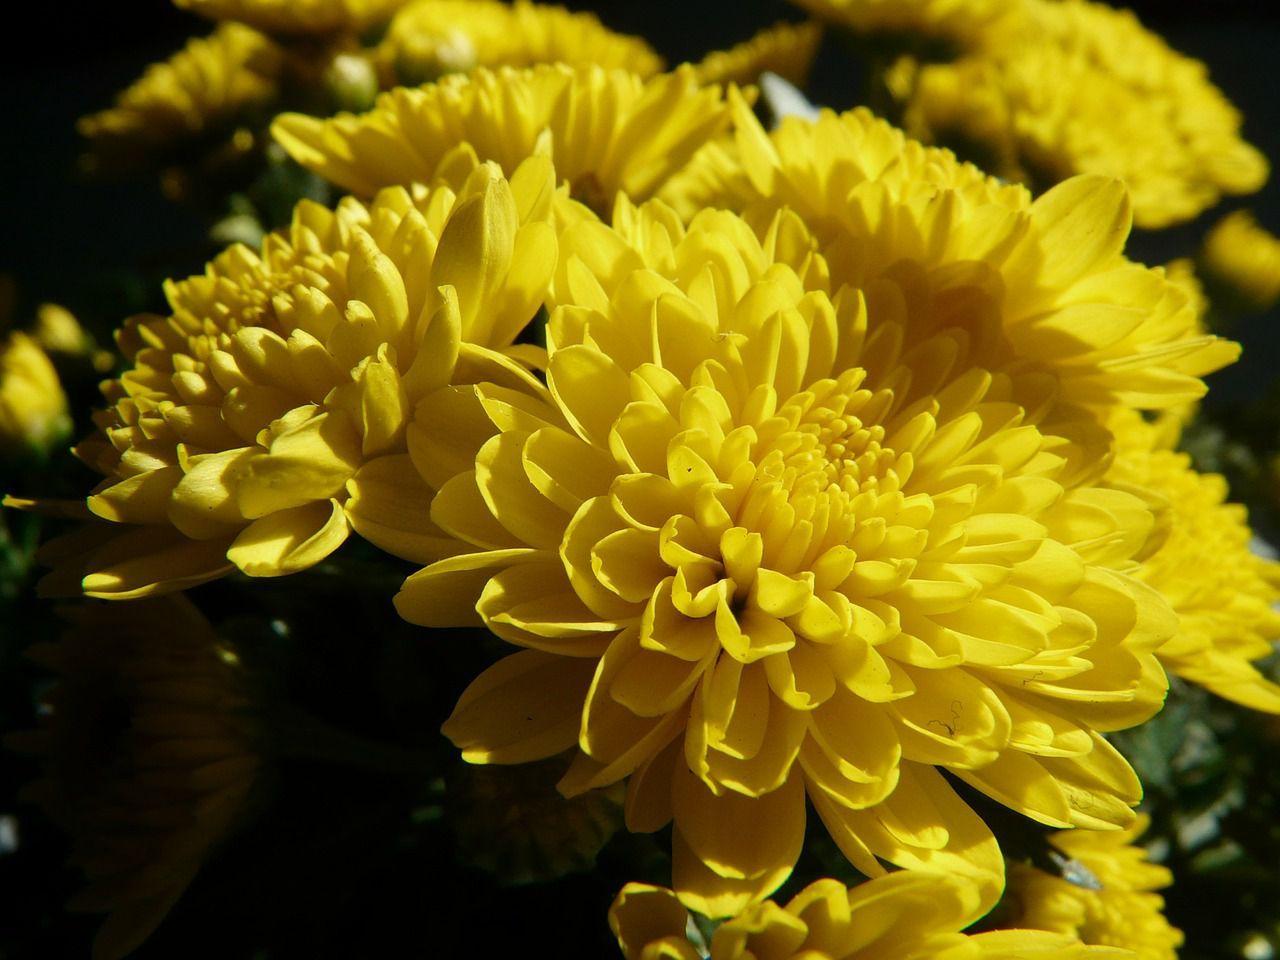 Winteraster juliane chrysanthemum x hortorum juliane buy cheap winteraster juliane chrysanthemum x hortorum juliane buy cheap online izmirmasajfo